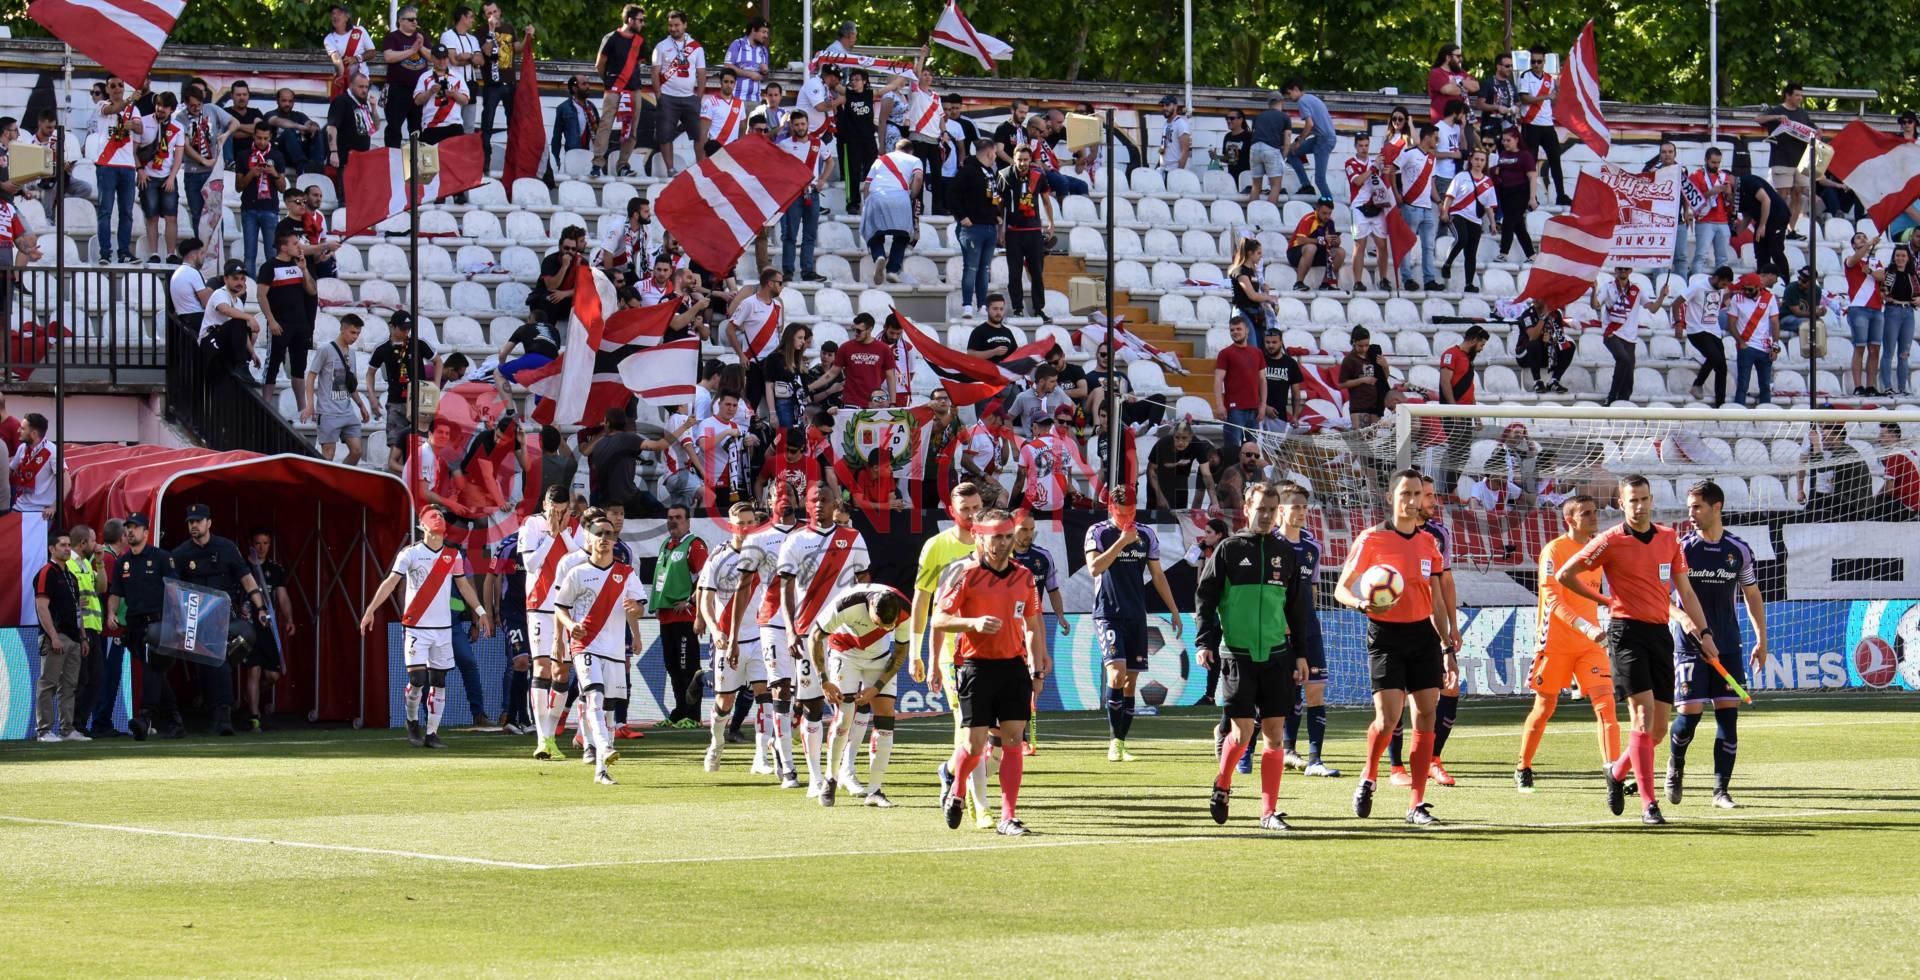 Rayo Valladolid